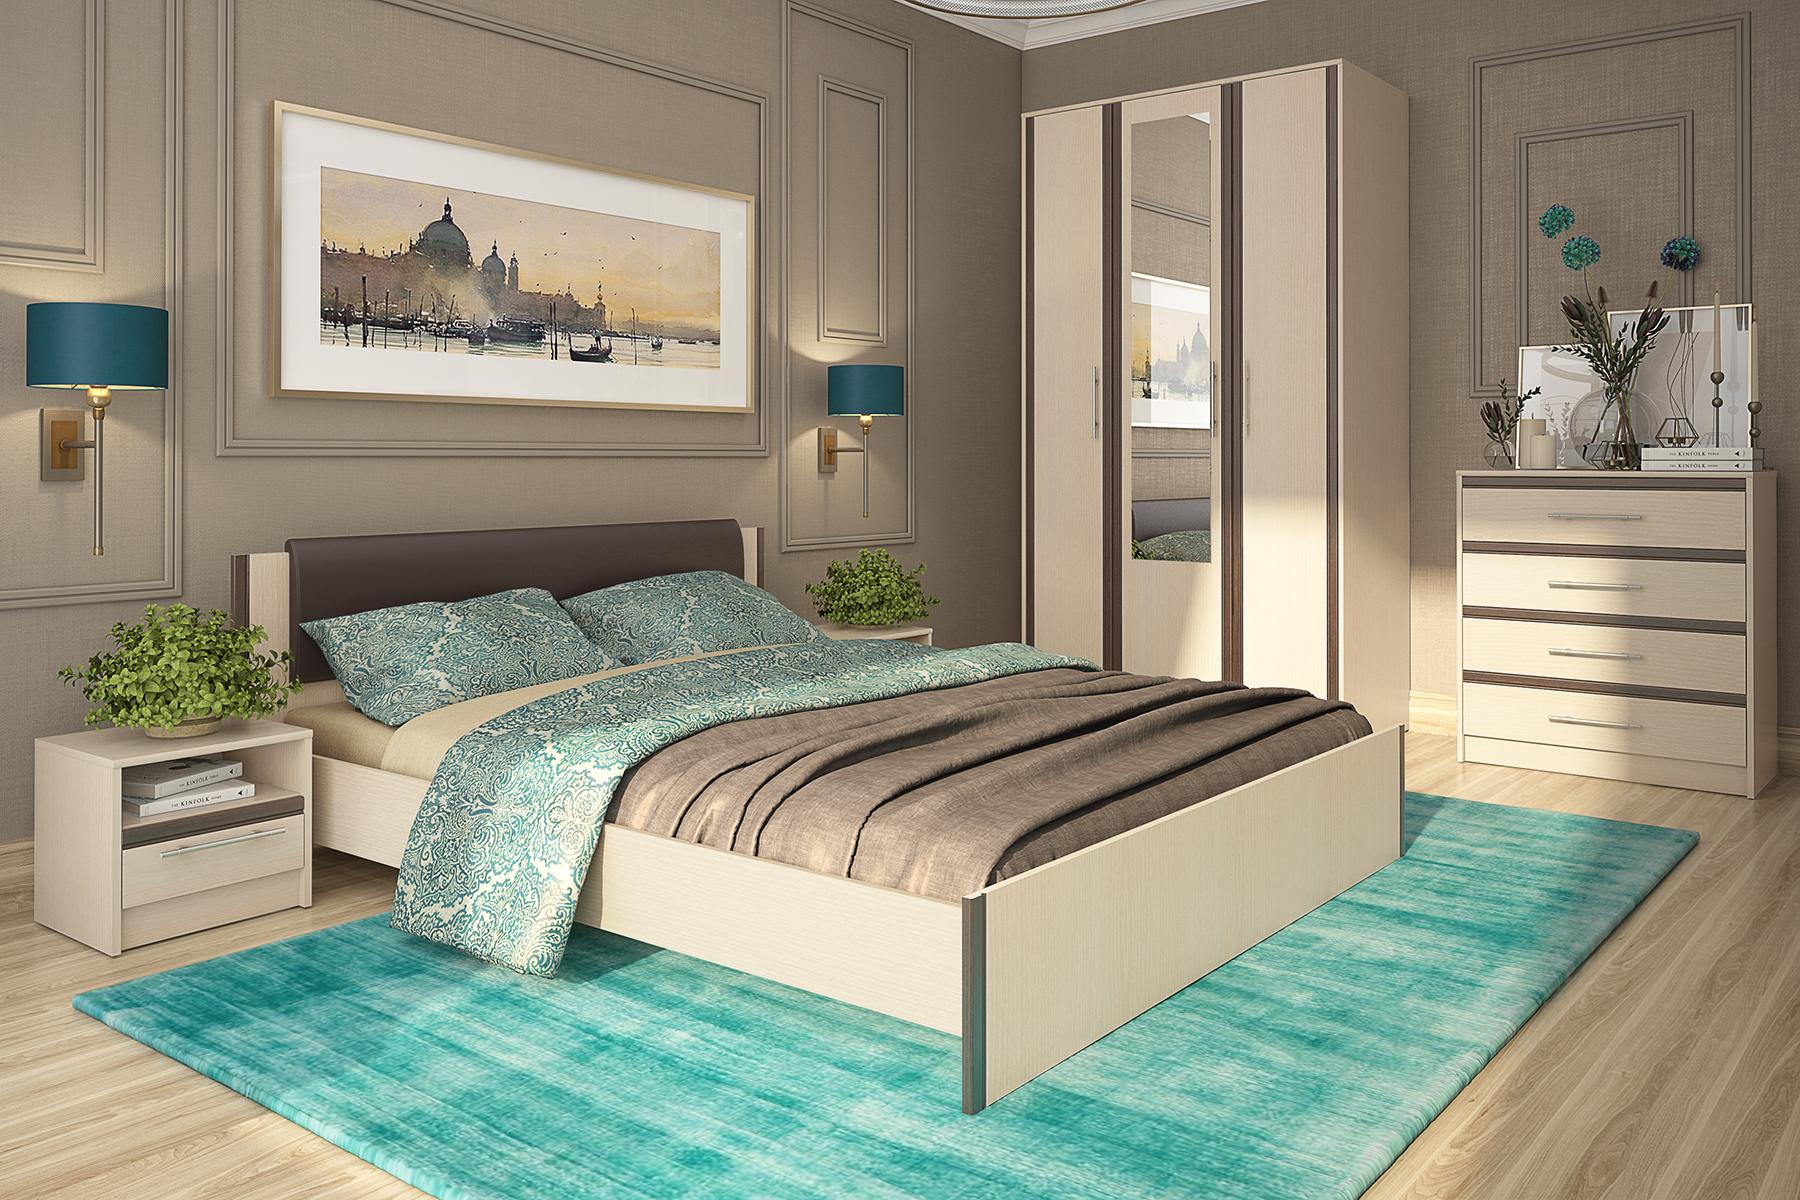 дешевые диваны в москве до 3000 рублей